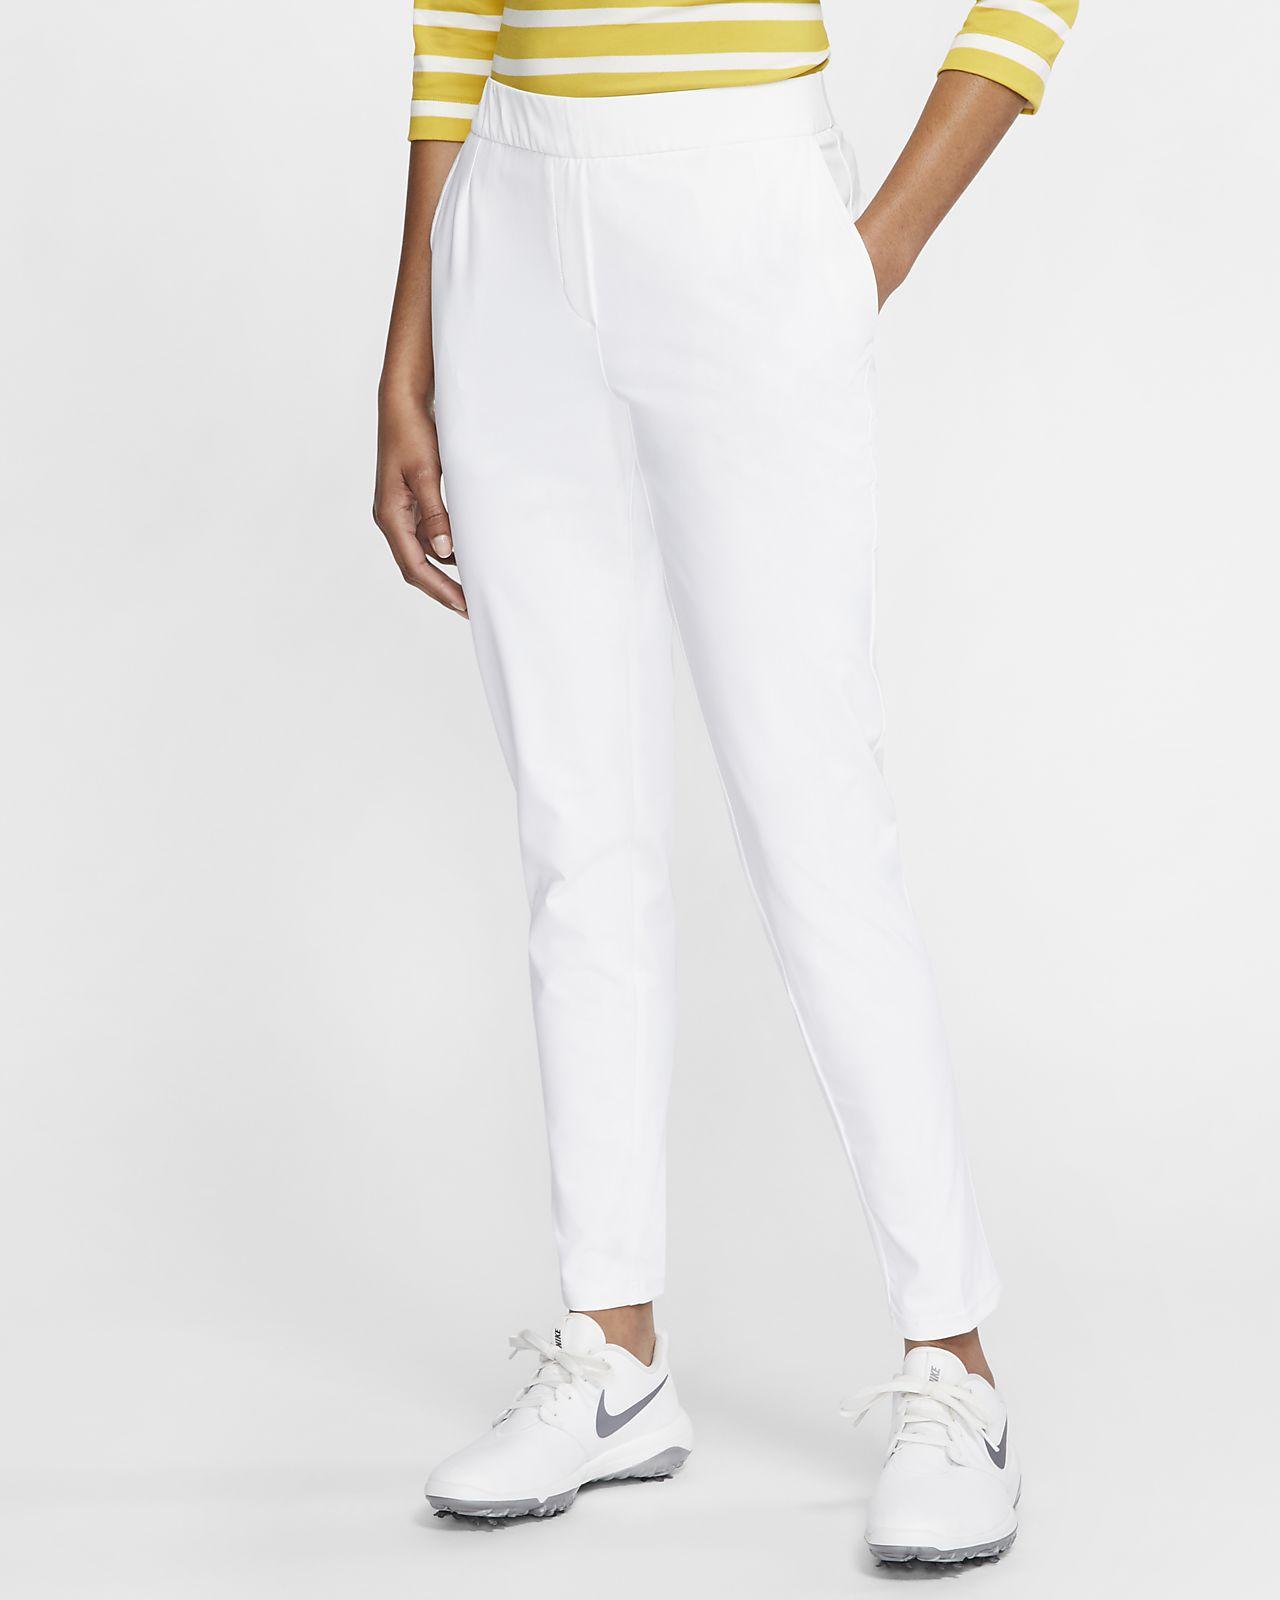 Pantalon de golf Nike Flex UV Victory pour Femme